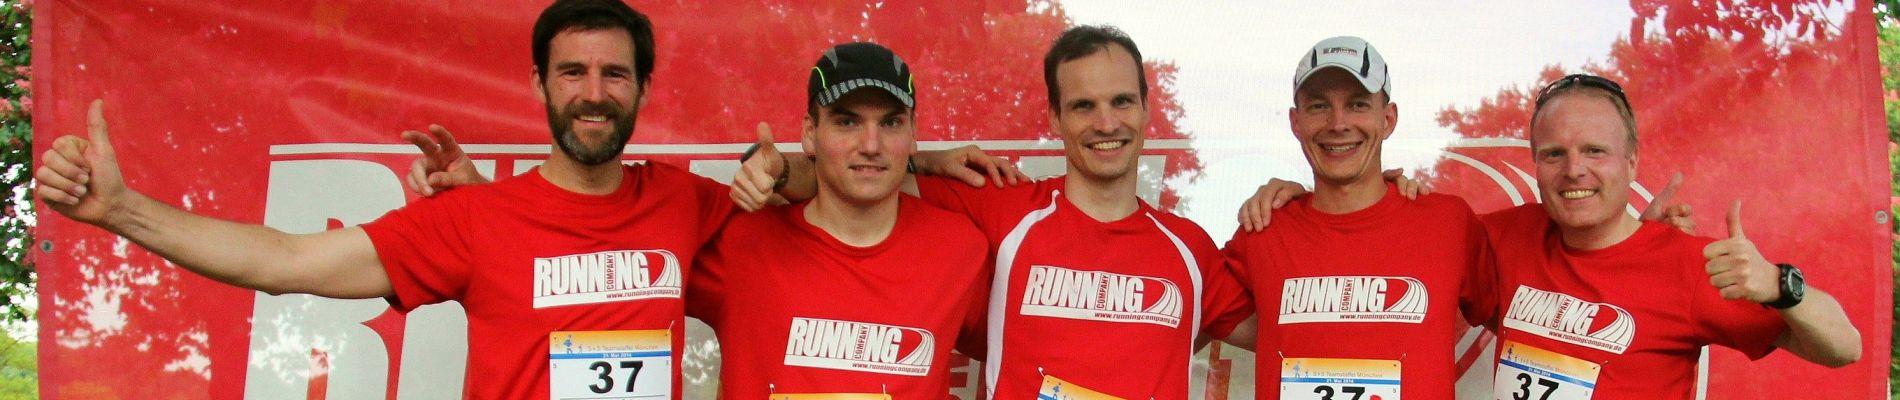 RUNNING Company Erfolgsgeschichten vom Laufeinsteigern bis zum Marathonläufer